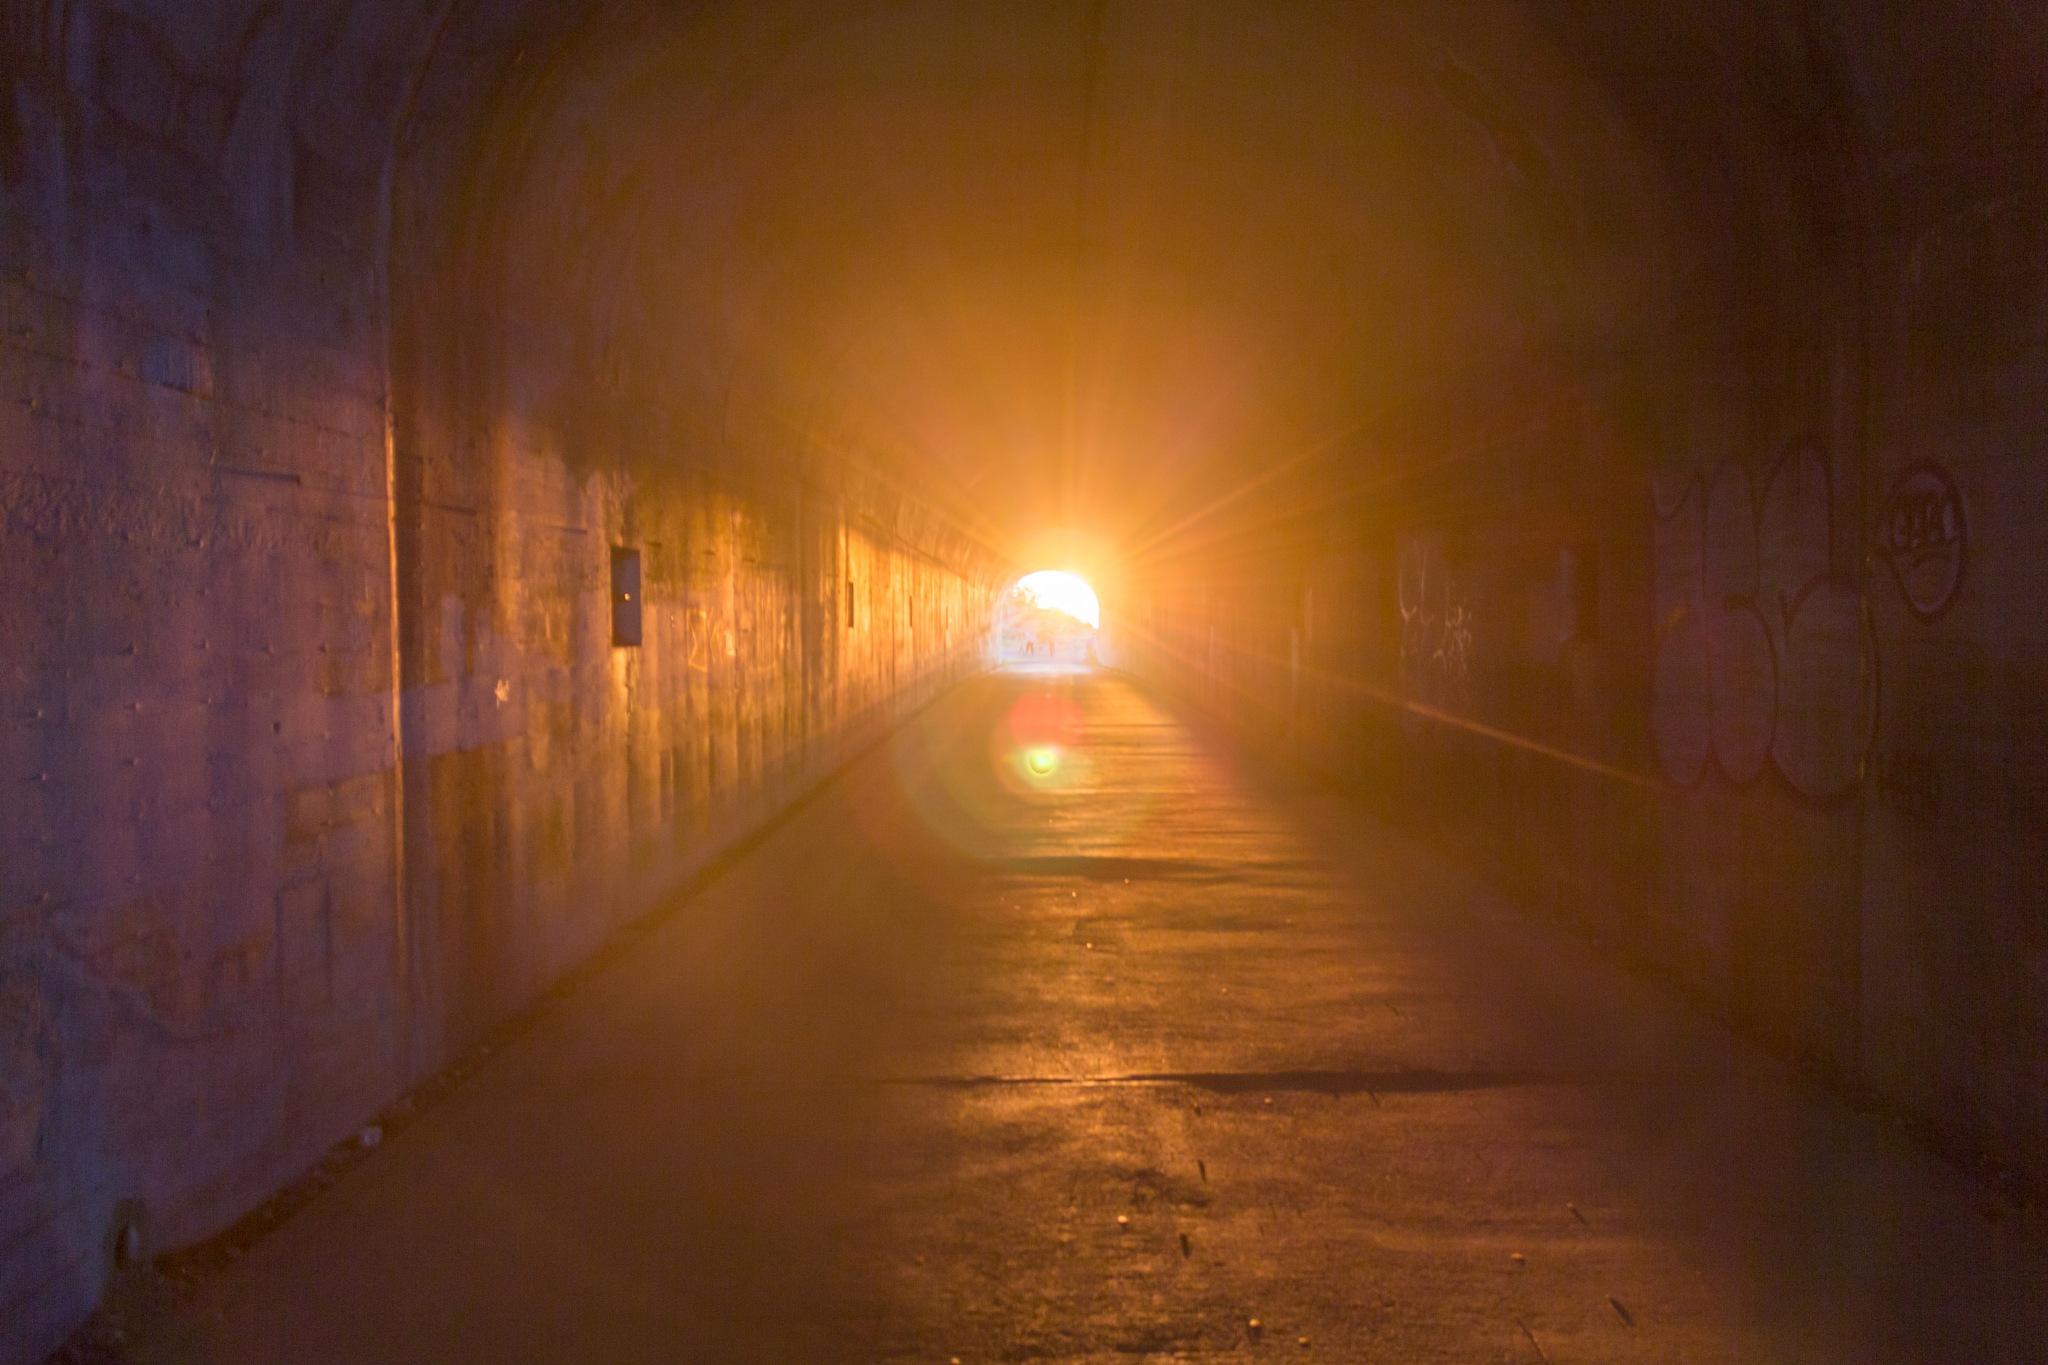 Sunset thru a Tunnel by Ruchir Parikh